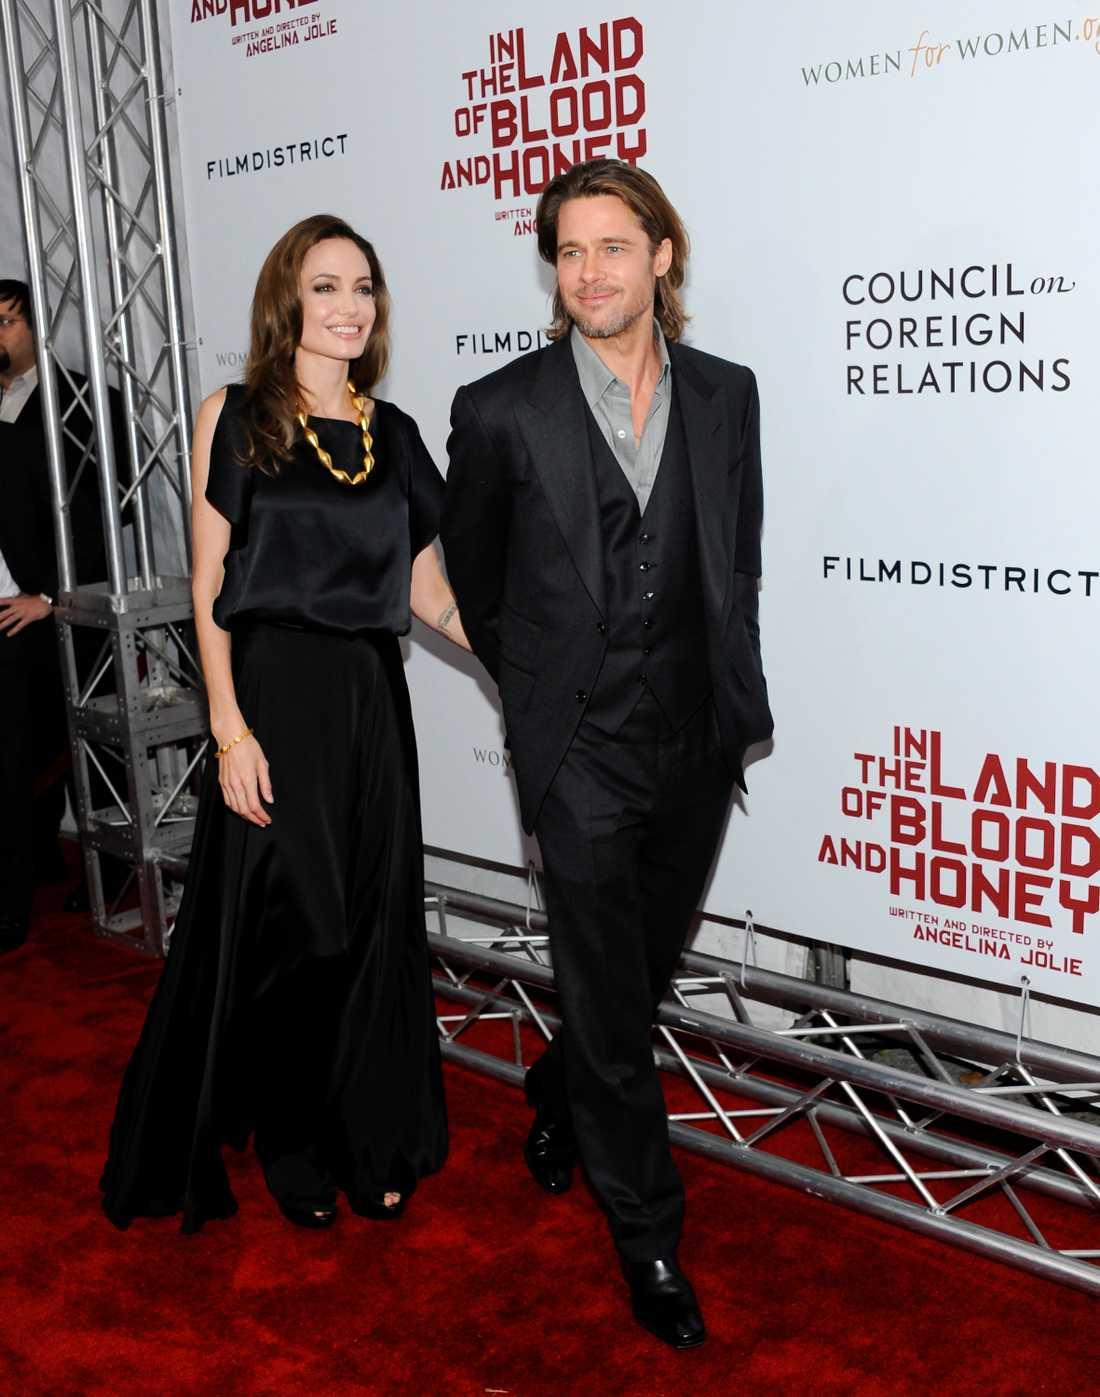 Brad Pitt på premiären av hans sambo Angelinas regidebut, filmen 'Land of blood and honey'. Pitt kombinerar en lite avslappnad uppknäppt skjort-stil med väst.